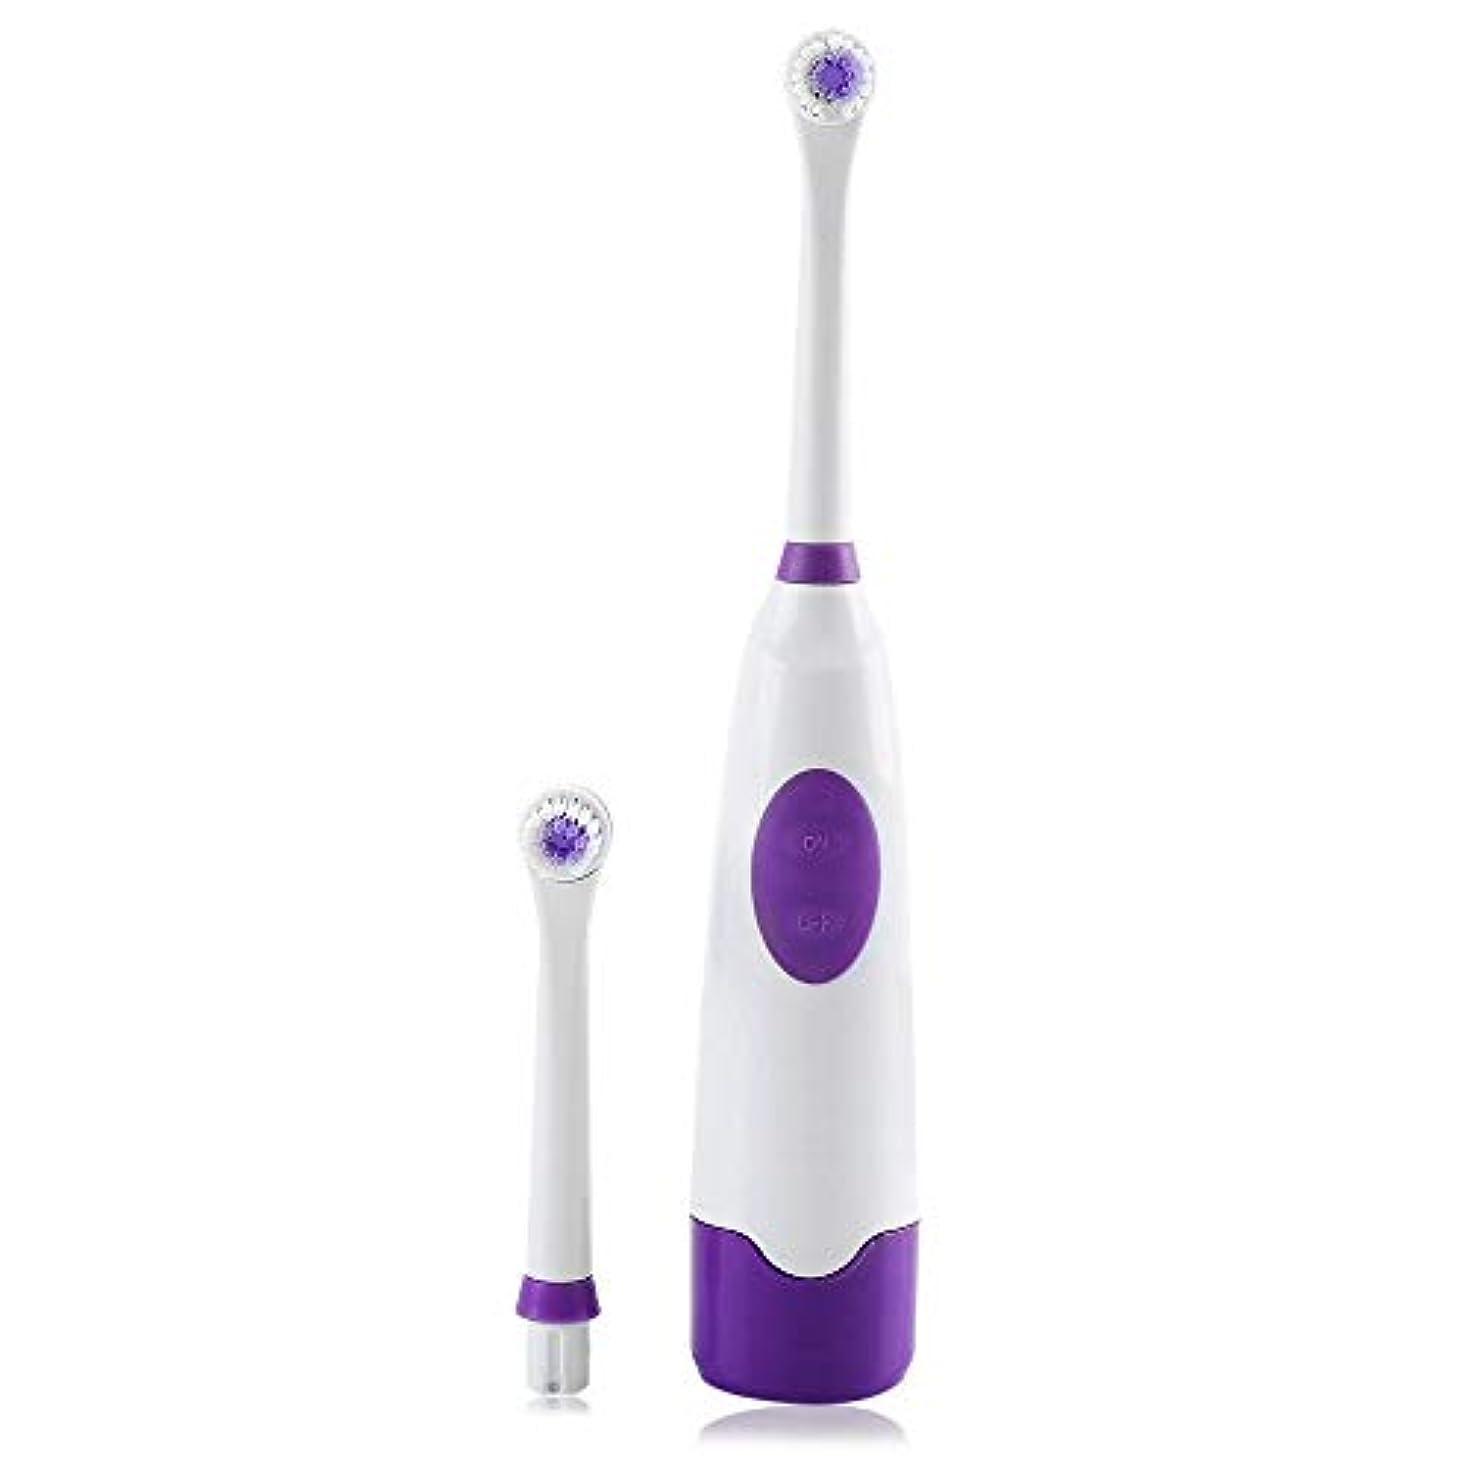 改革関与する対称ZHQI-HEAL ツールキットセットクリーナー066を白くする子供大人の歯のための2つのブラシの頭部が付いている電気口腔衛生の心配の歯ブラシ (色 : Purple)